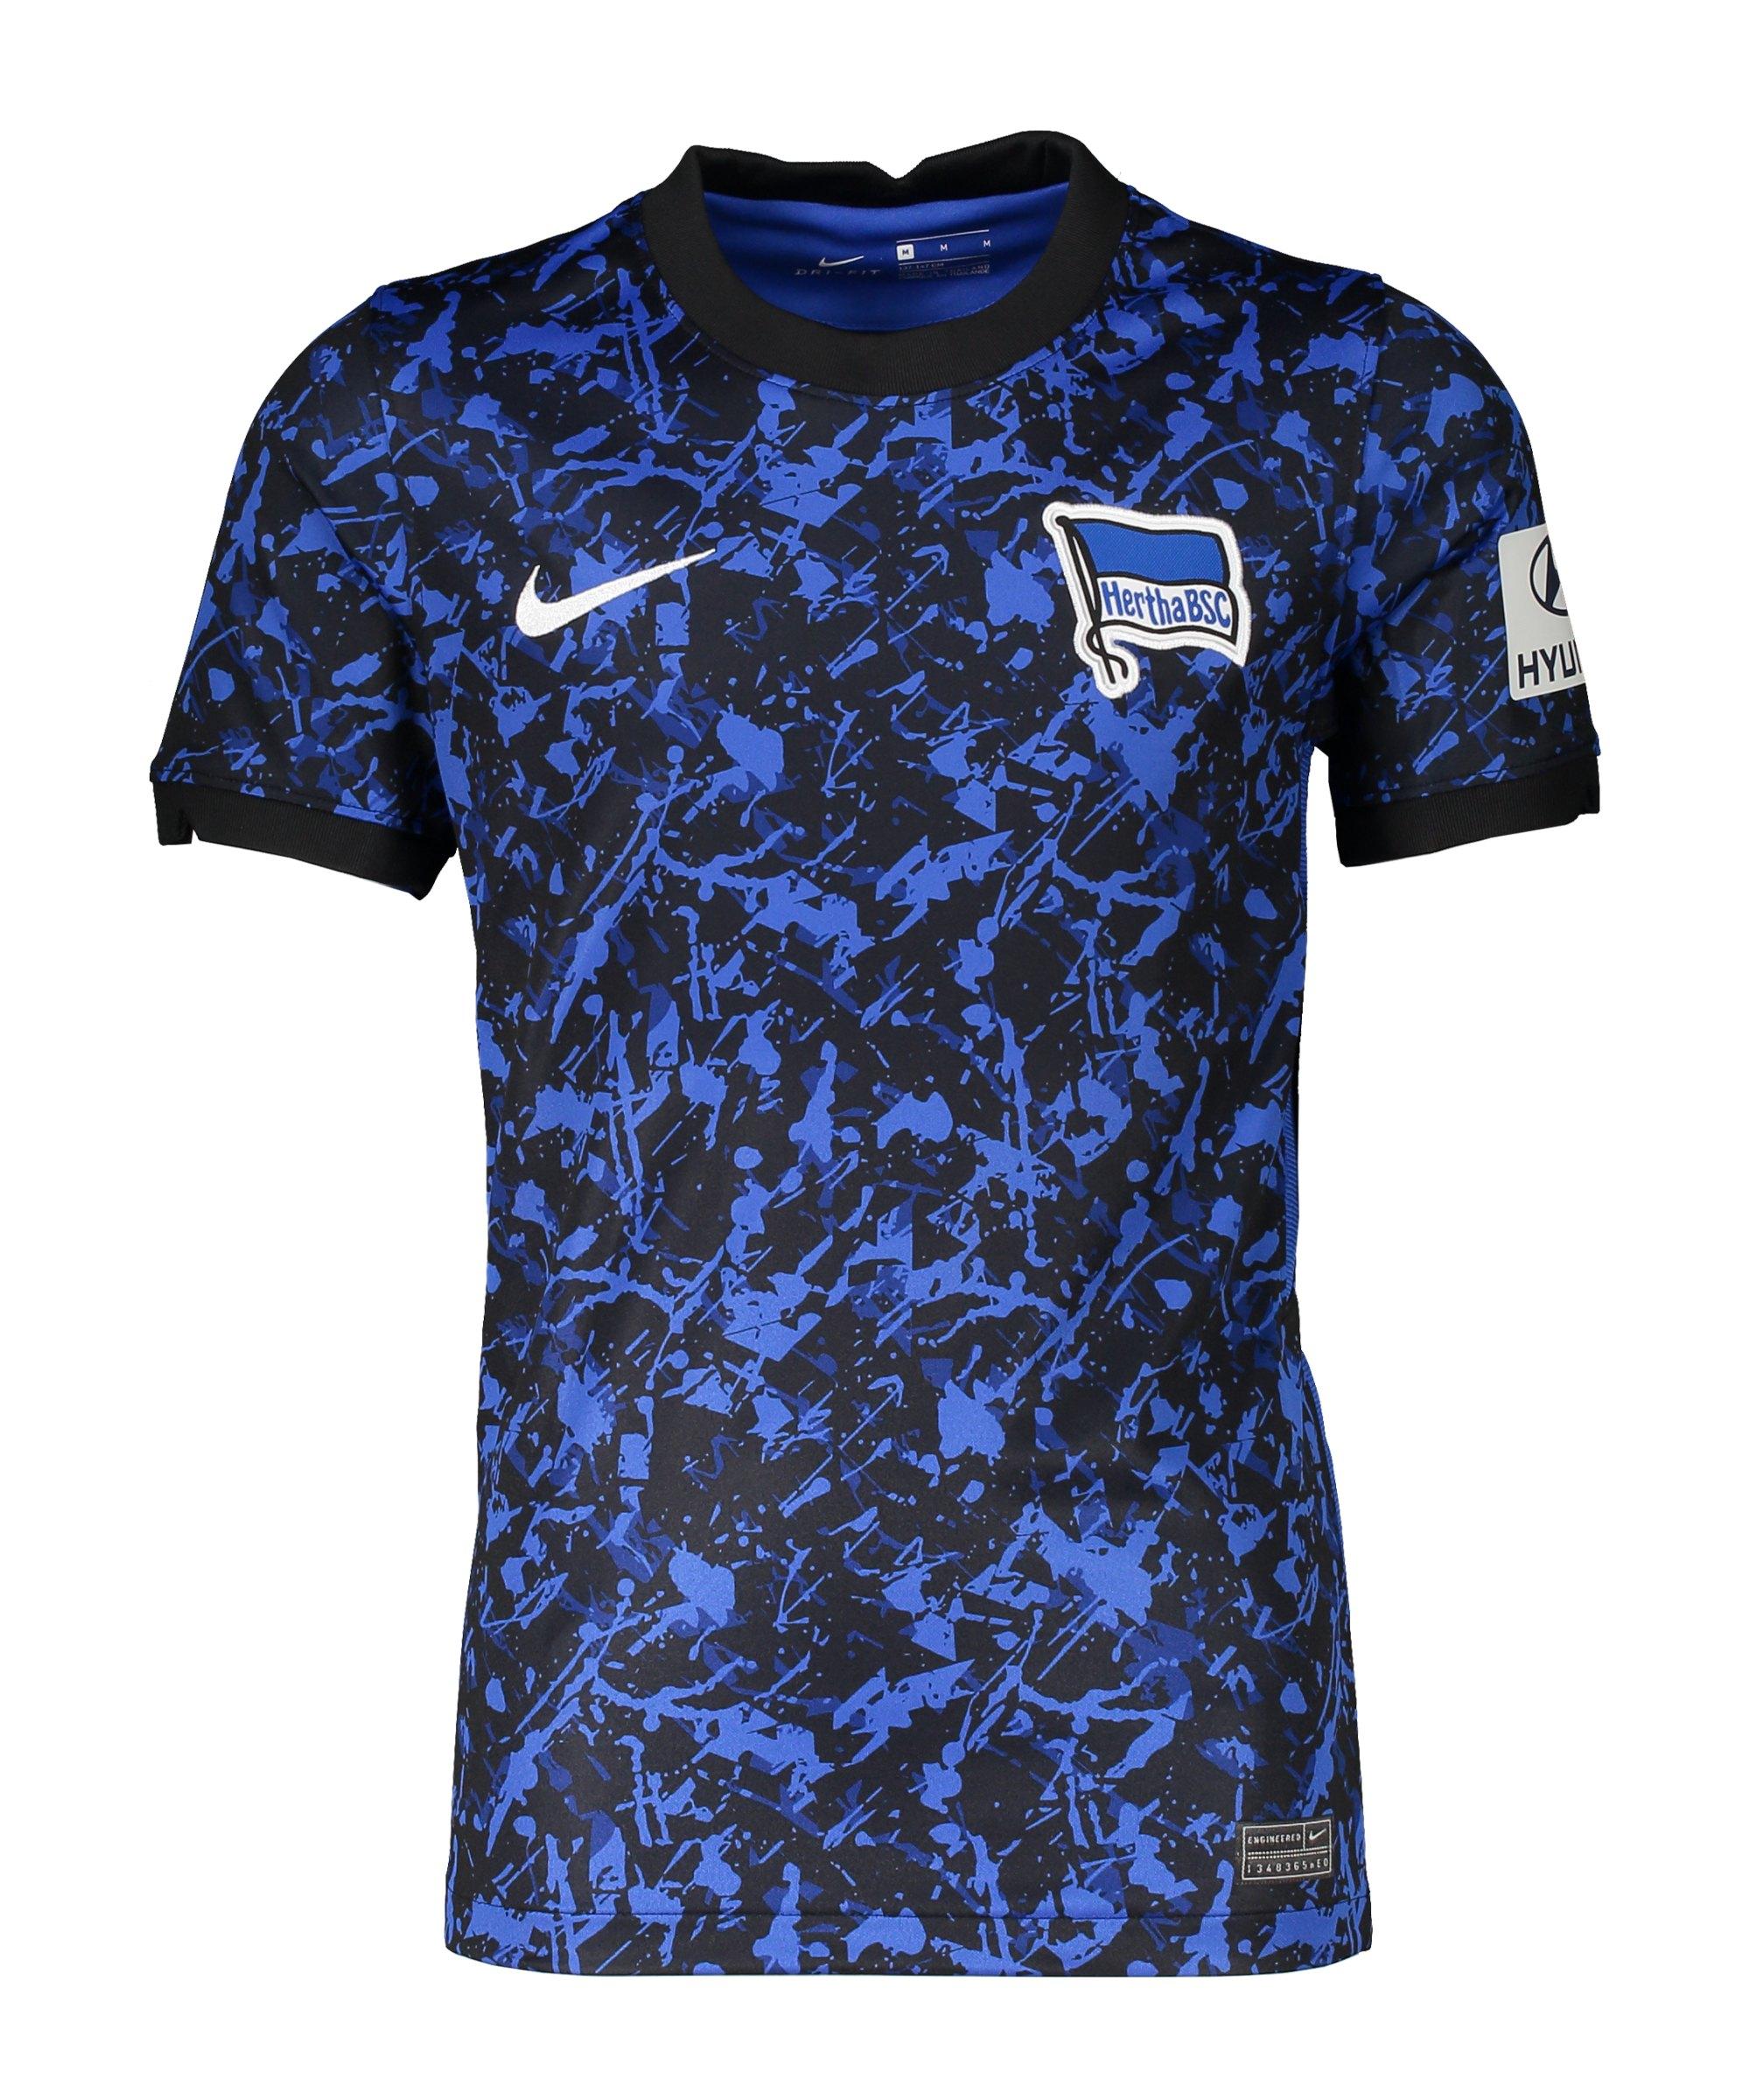 Nike Hertha BSC Trikot Away 2020/2021 Kids Blau F406 - blau